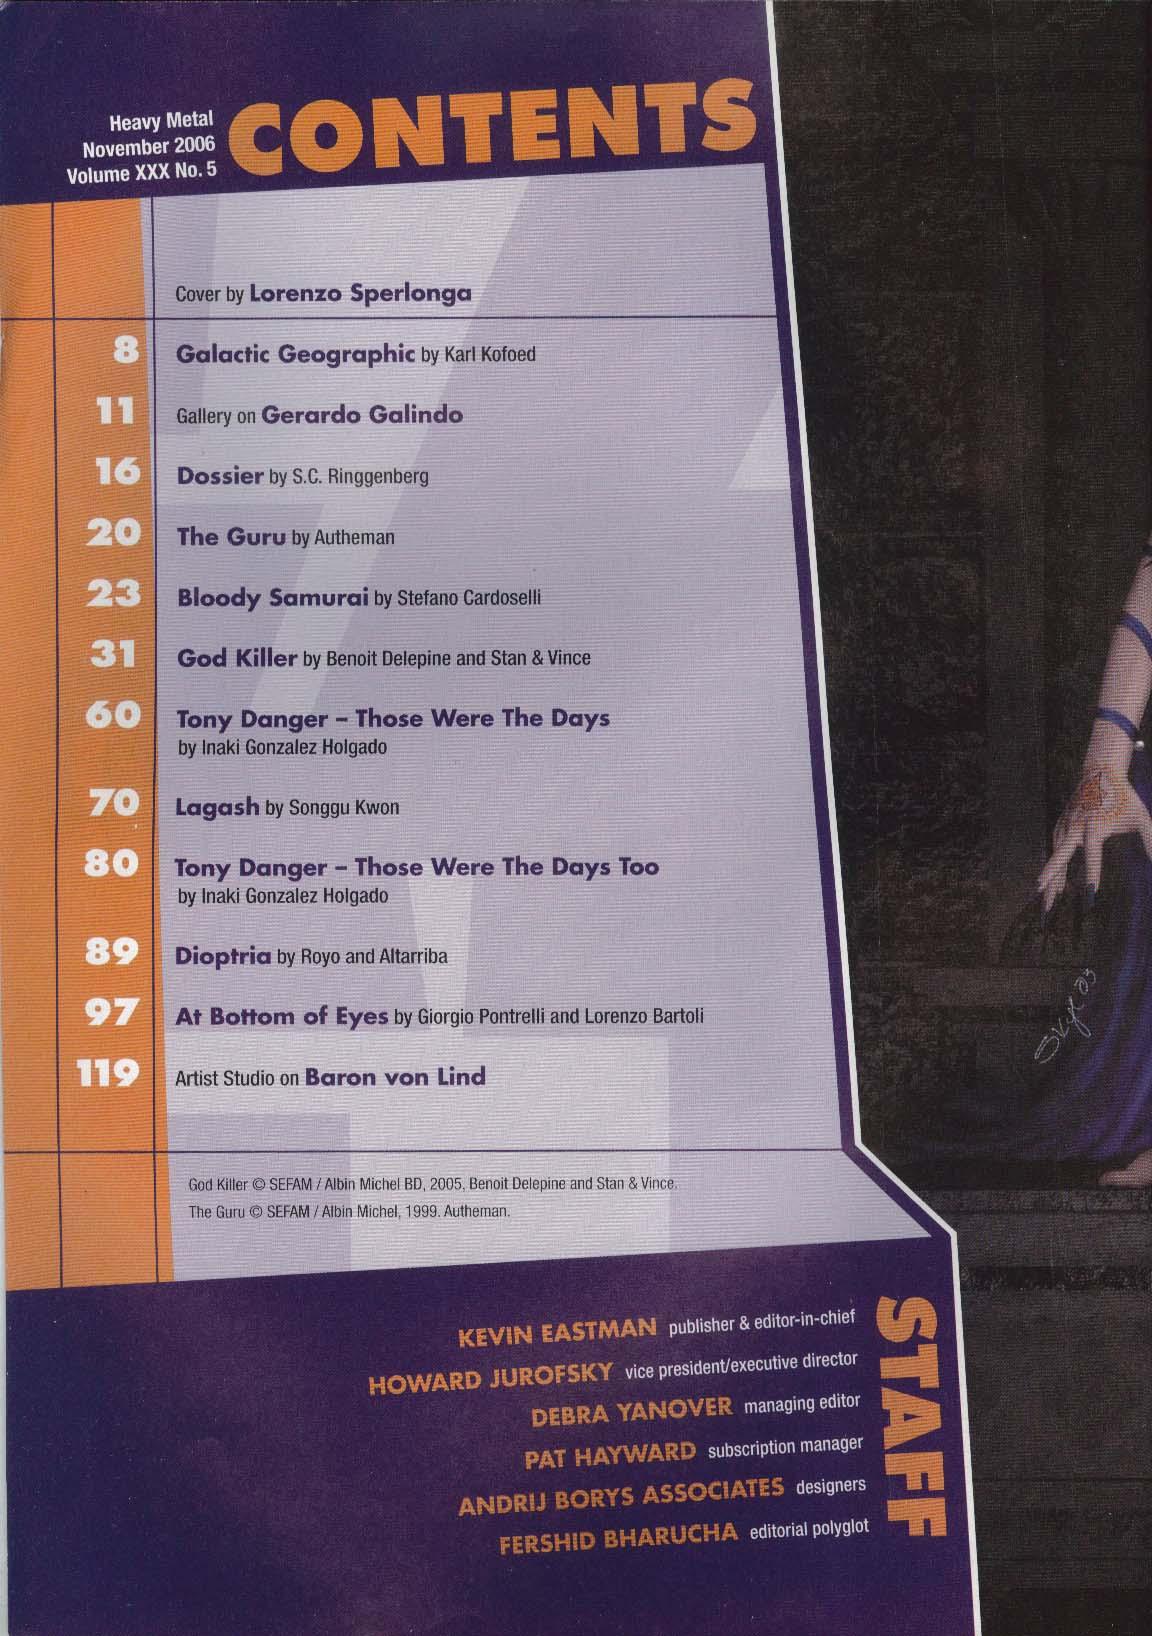 HEAVY METAL Benoit Delepine Stan & Vince Royo Altarriba Baron von Lind 11 2006